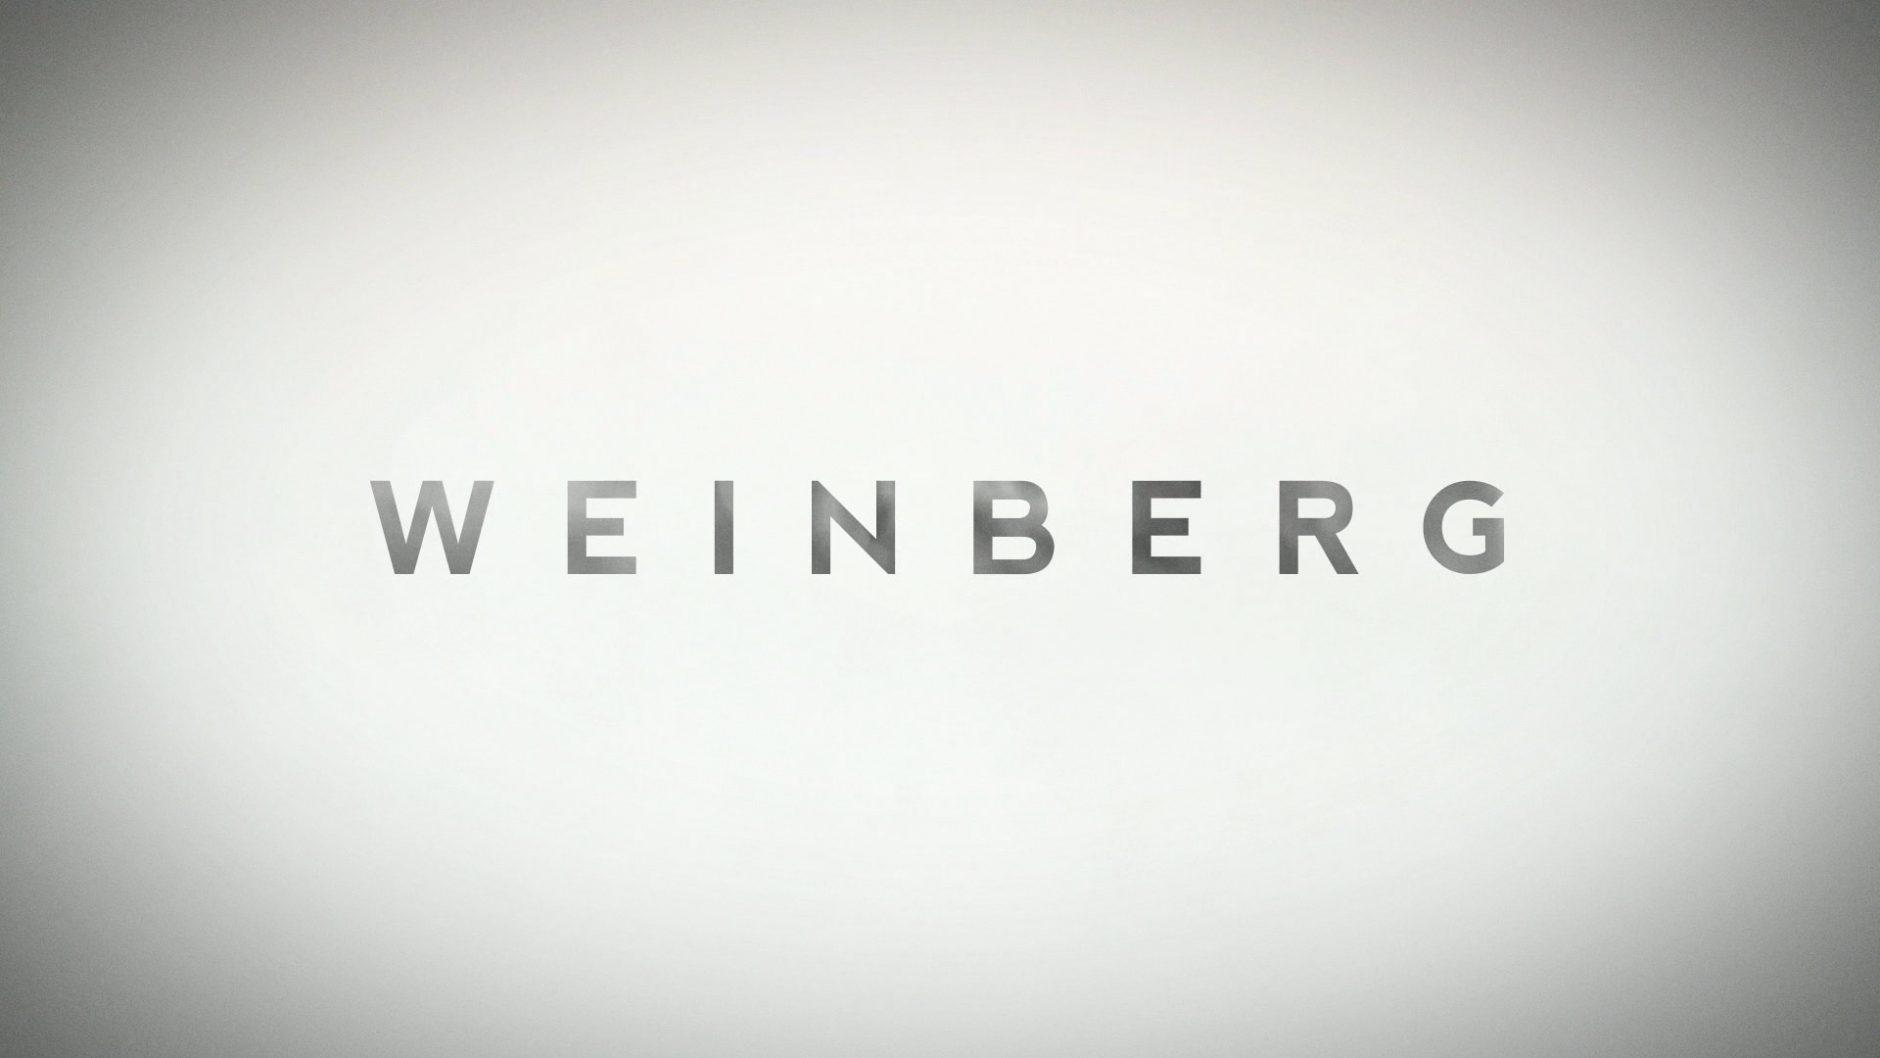 Stimmungsvoll mystisch und damit passend zur Serie ist das Title Design von Weinberg